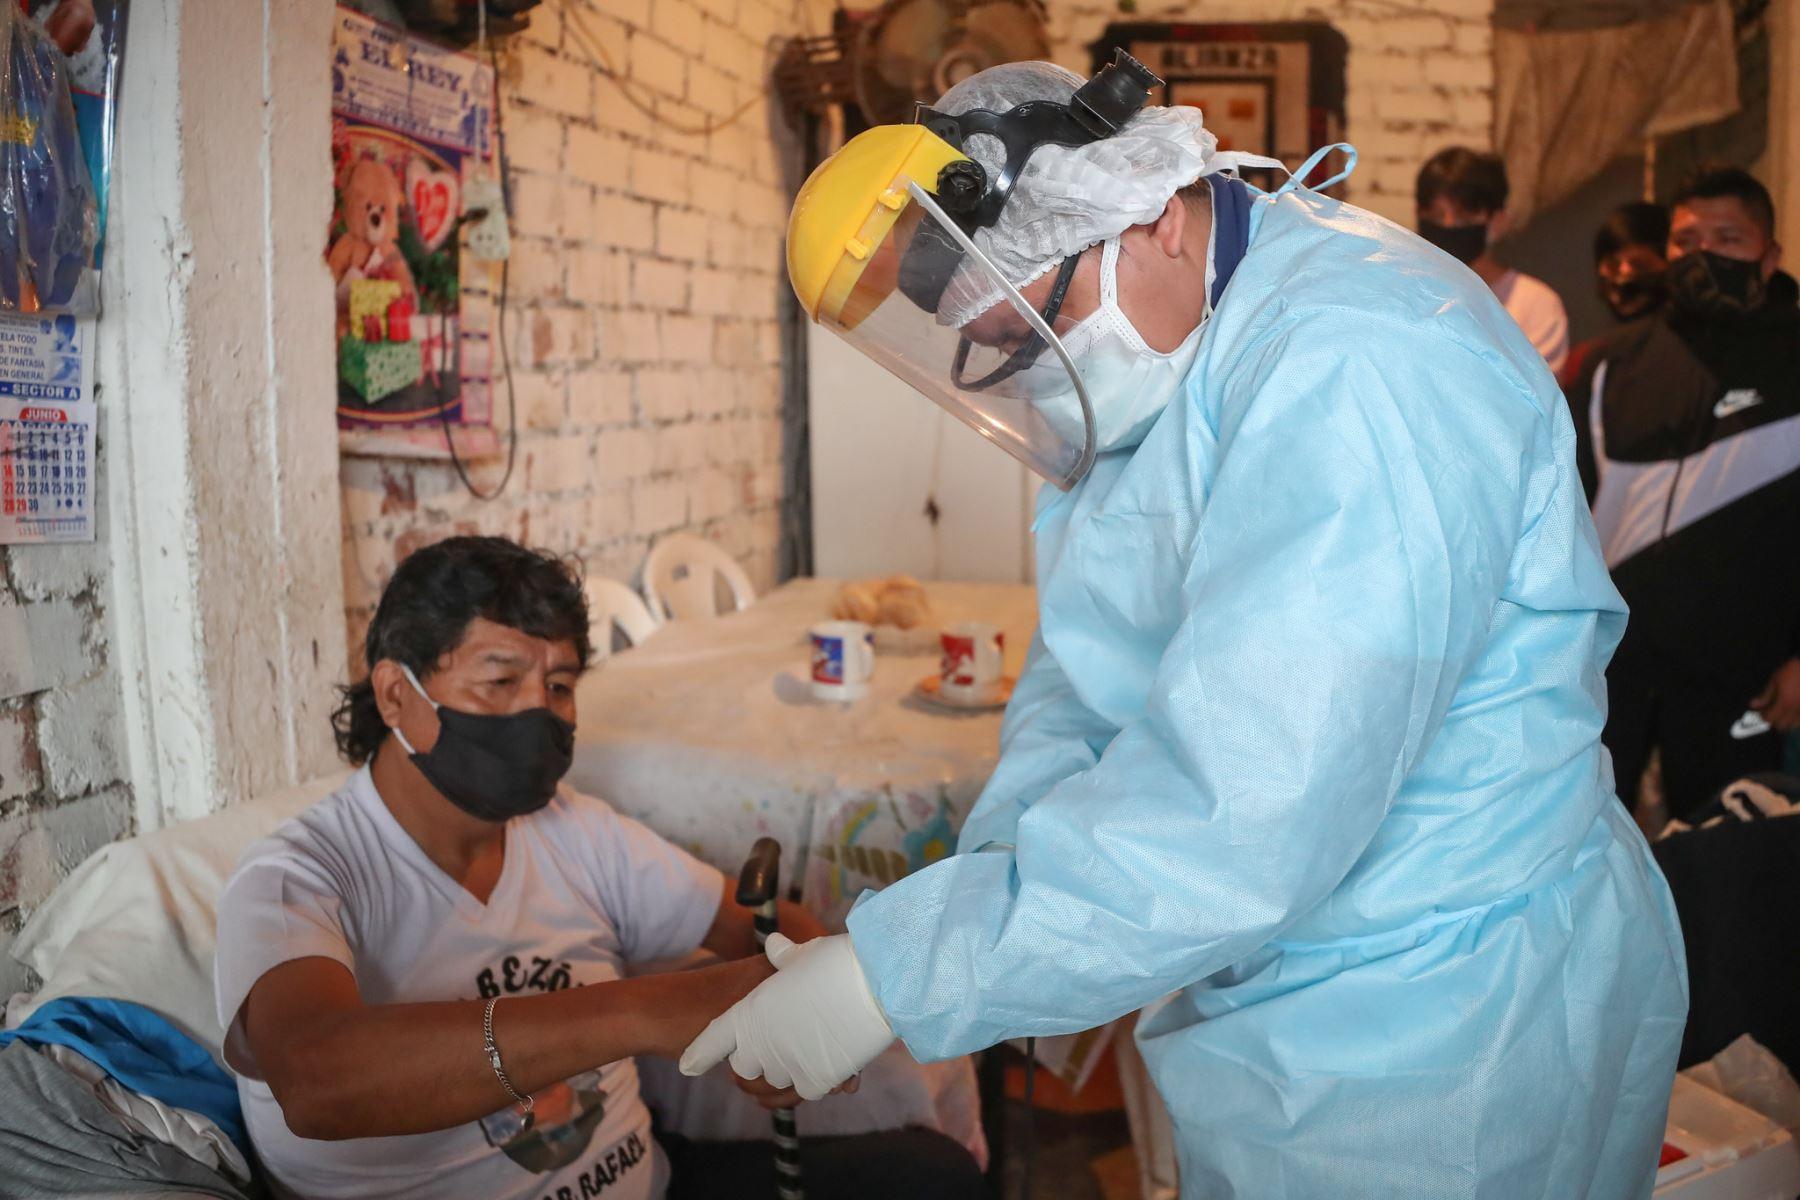 Consejo de Estado se reúne hoy para ver medidas contra la pandemia | Noticias